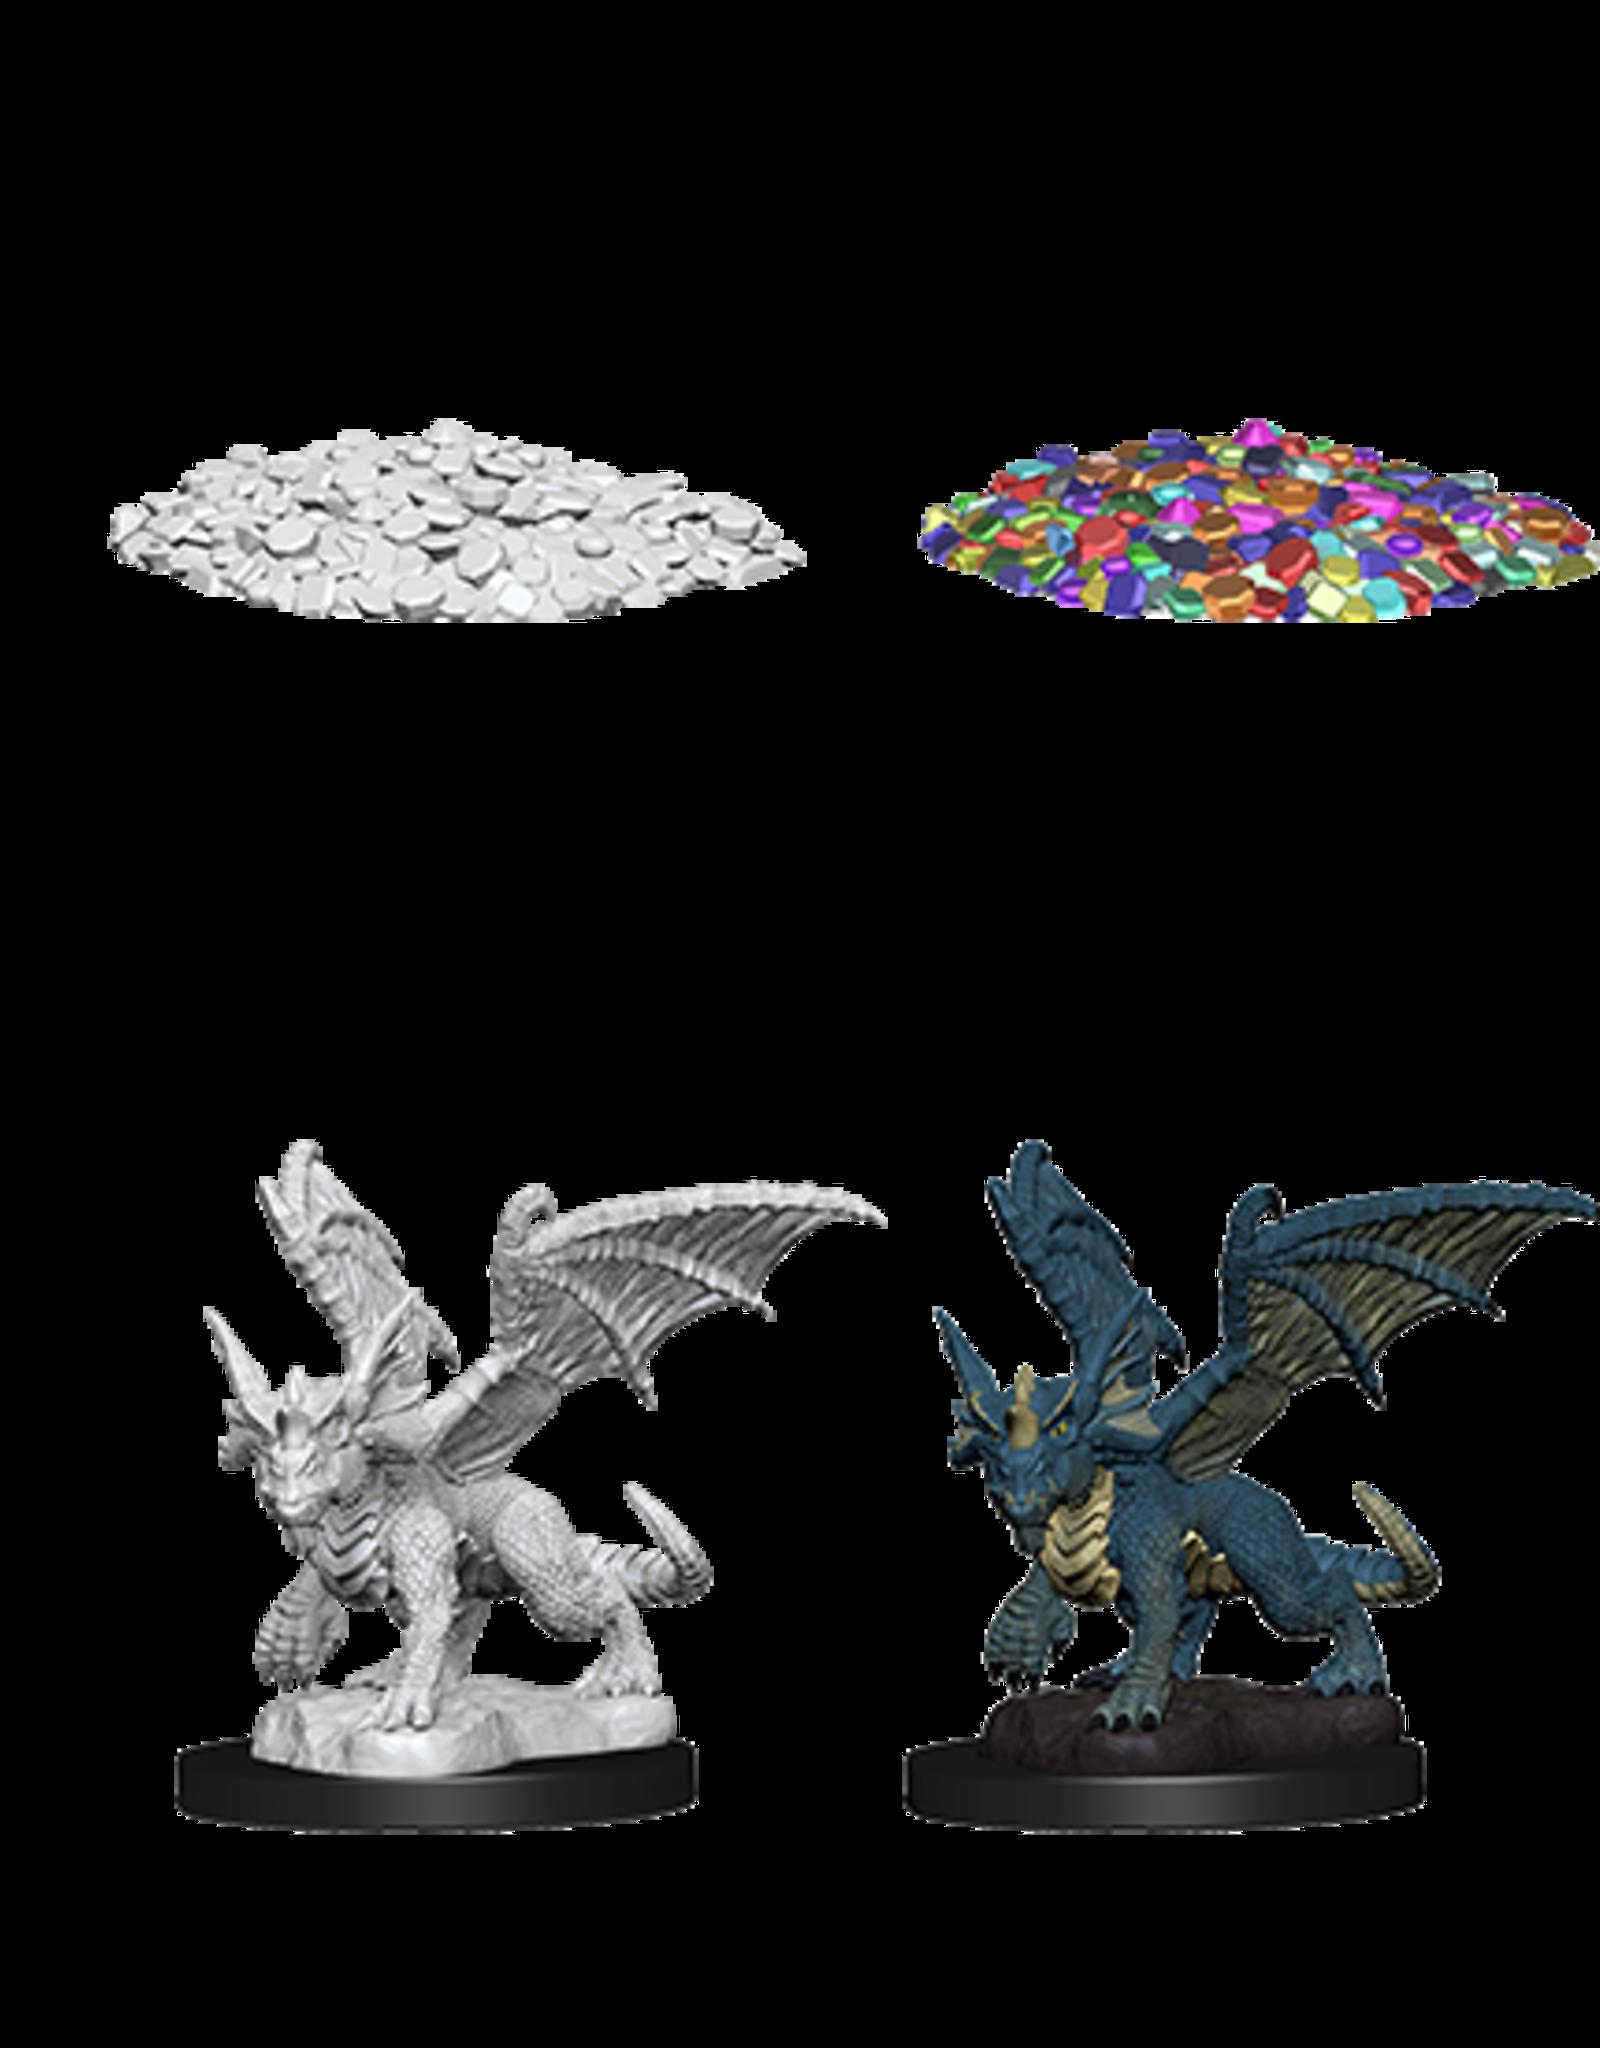 Wizkids D&D Nolzur's Marvelous Miniatures Blue Dragon Wyrmling